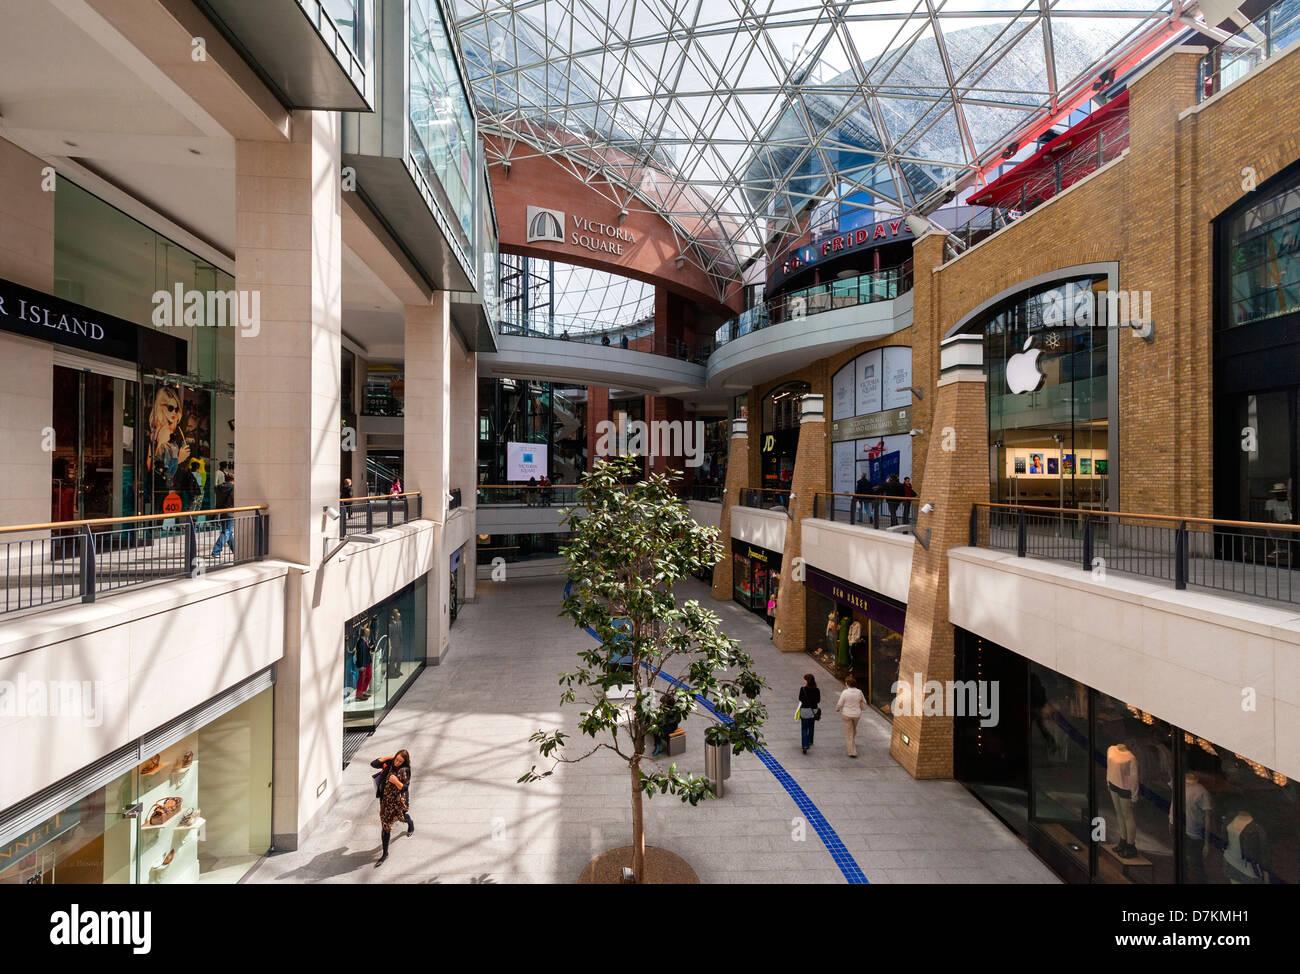 602f0cbd0cc16 Victoria Square Shopping Centre Belfast Stock Photo: 56366941 - Alamy